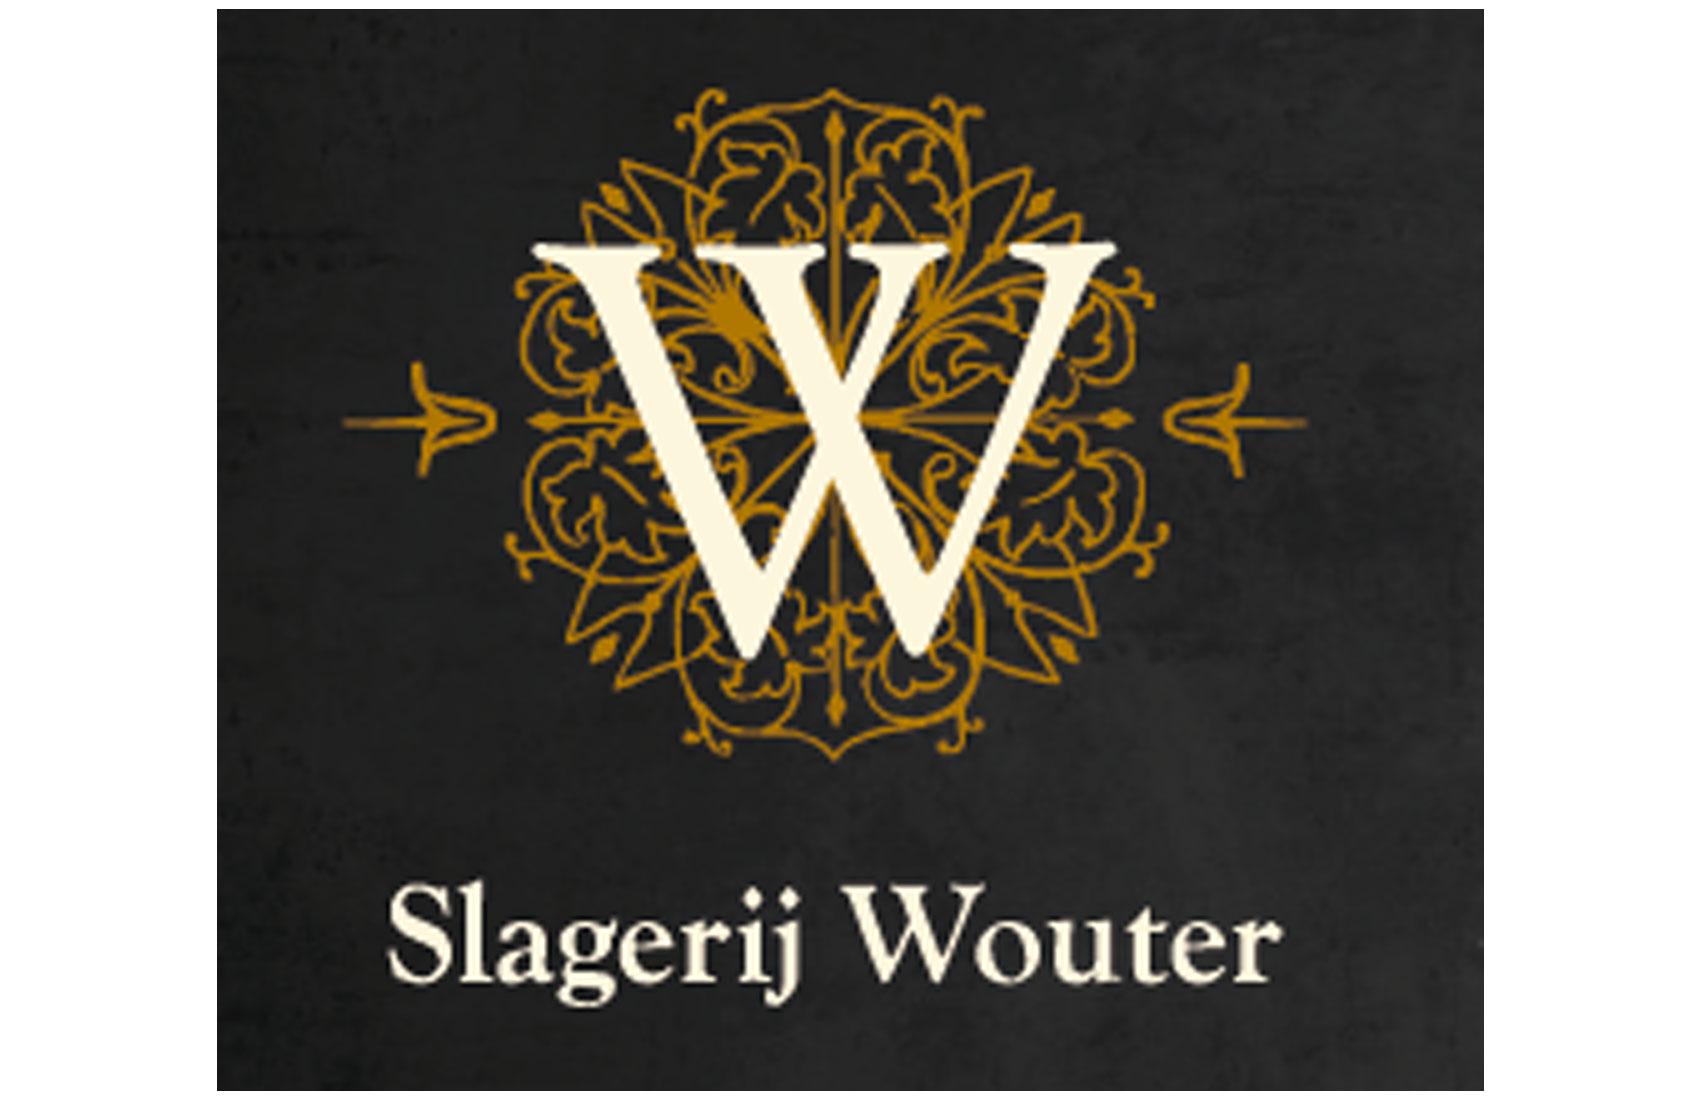 Slagerij Wouter